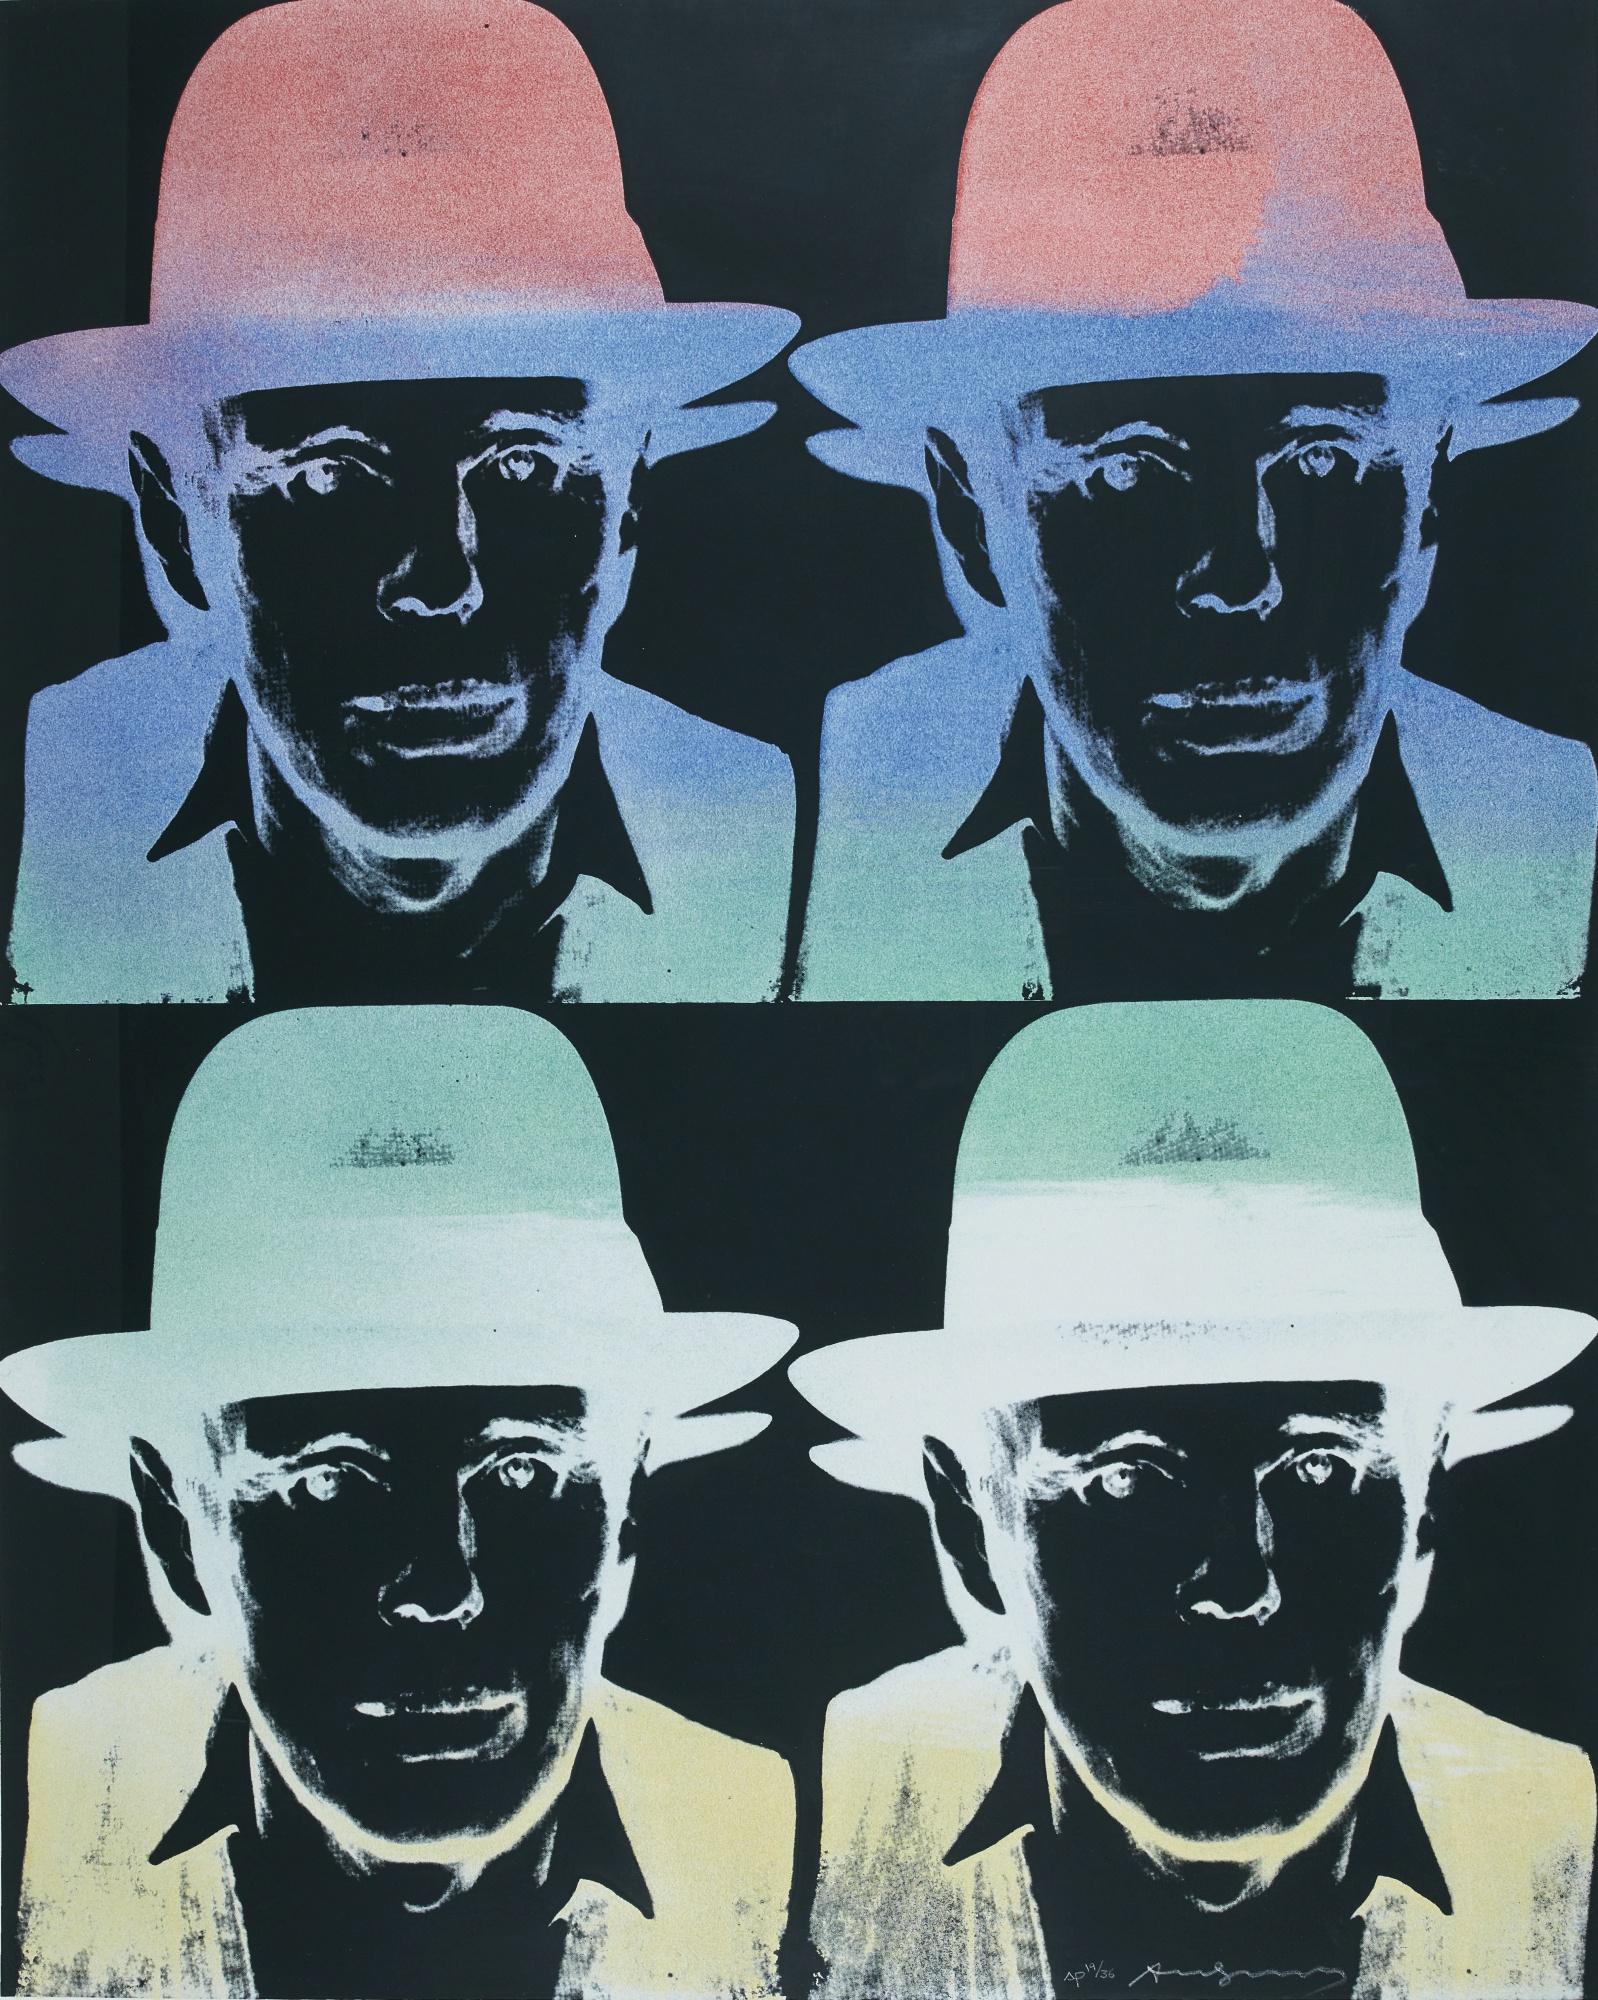 Andy Warhol-Joseph Beuys: State II (F. & S. II.243)-1983